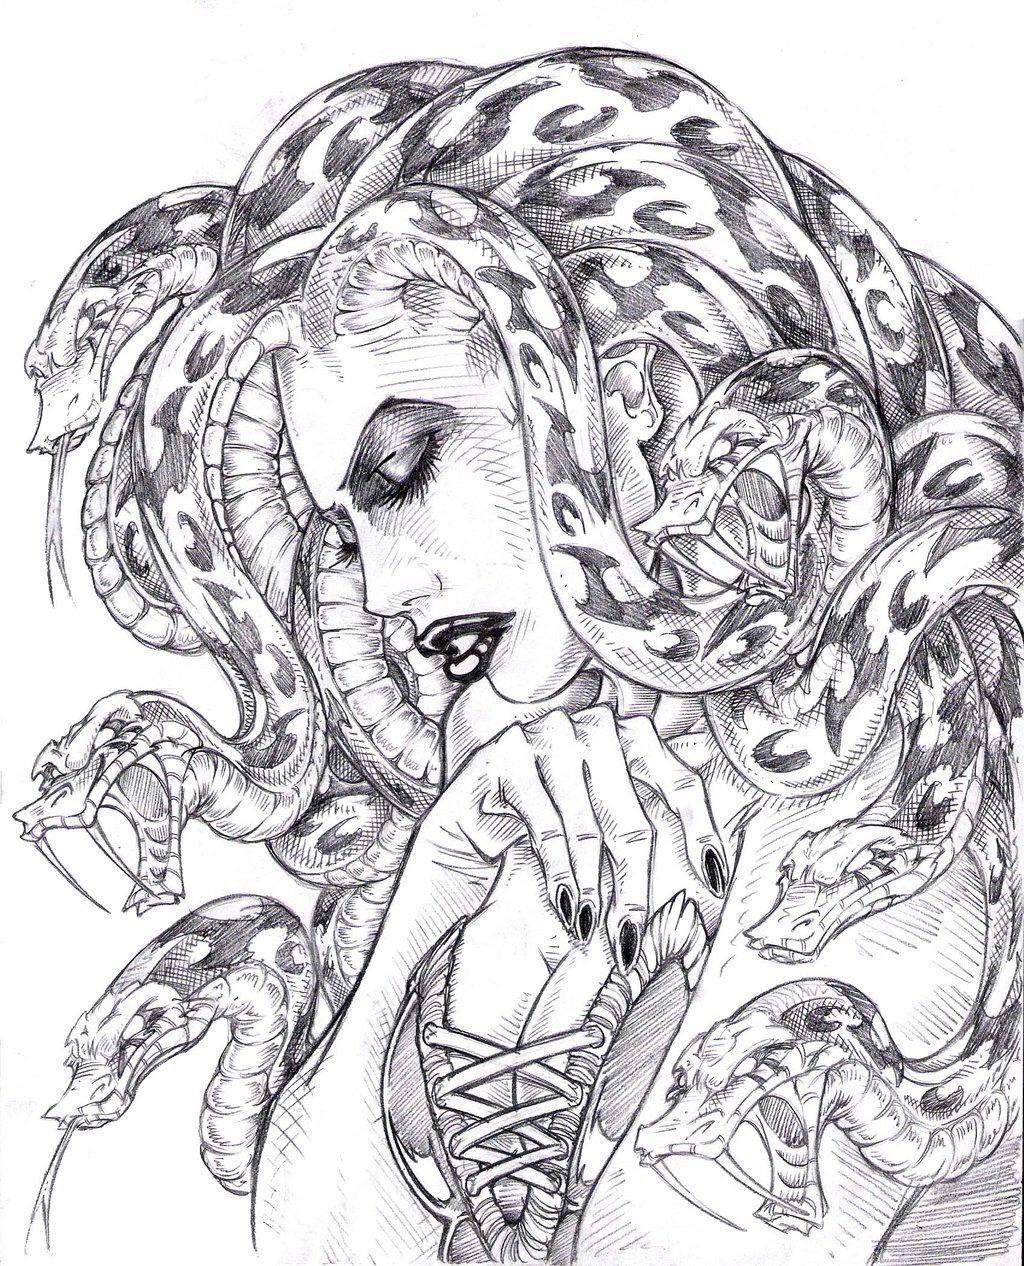 Pin By Nick Teigeler On Medusa Ideas Medusa Drawing Medusa Art Medusa Tattoo